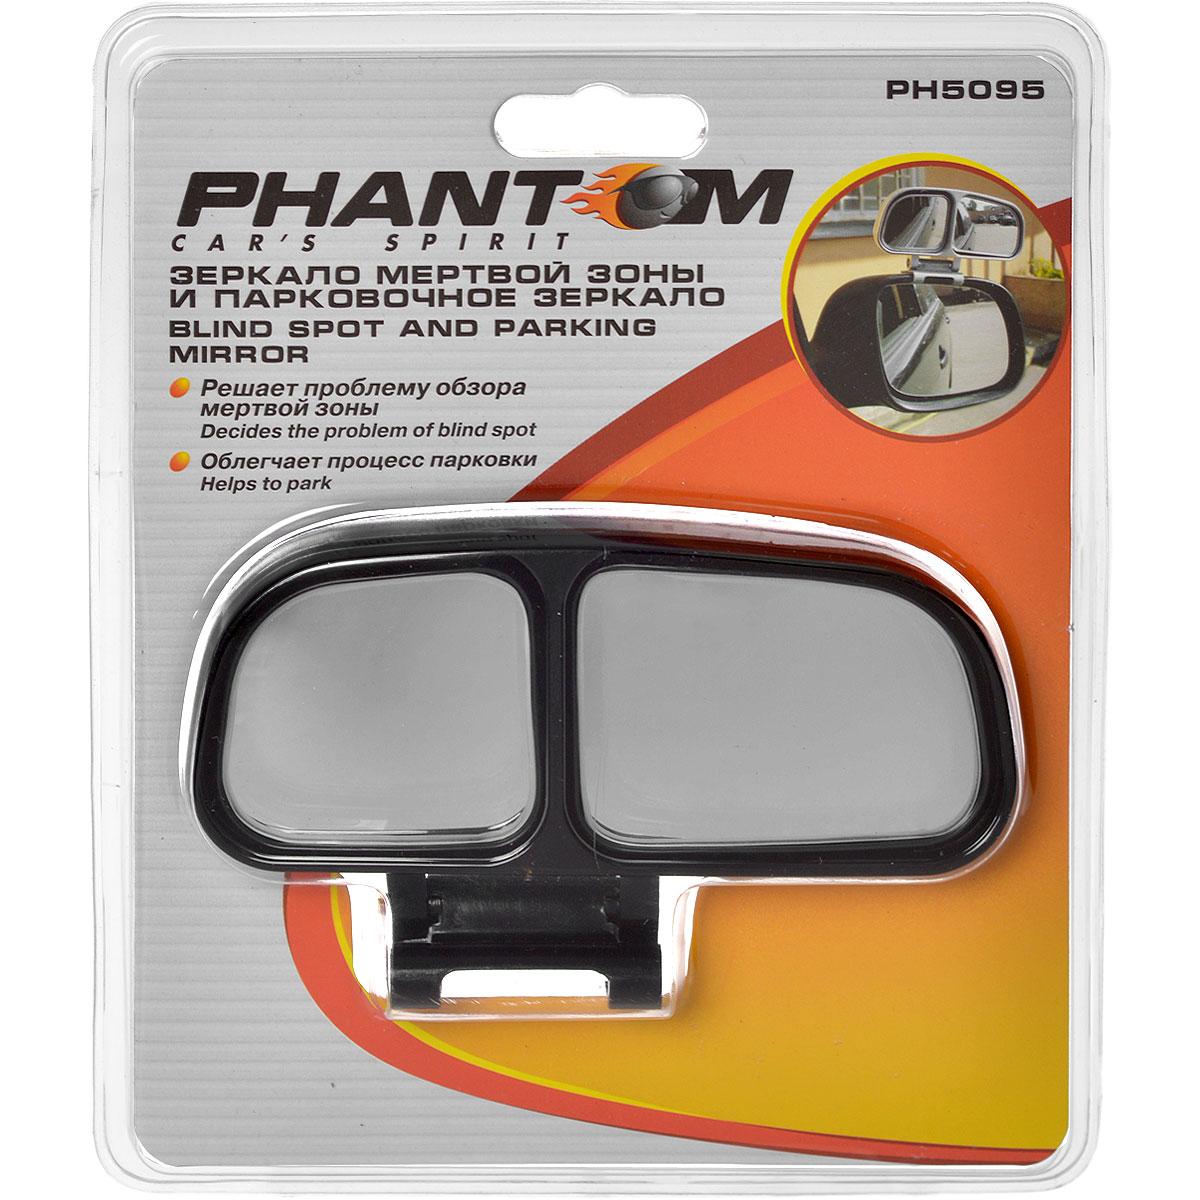 Зеркало заднего вида Phantom PH5095 внешнее, парковочное, правоеG201Зеркало заднего вида Phantom PH5095 предназначено для установки на боковое зеркало автомобиля для облегчения процесса парковки автомобиля и обнаружения малозаметных с места водителя препятствий. Легко регулируемый угол отражения. Характеристики: Материал: пластик. Размер зеркала: 13 см x 4 см x 8 см. Размер упаковки: 16 см x 4 см x 19 см. Производитель:Китай. Артикул:5095.